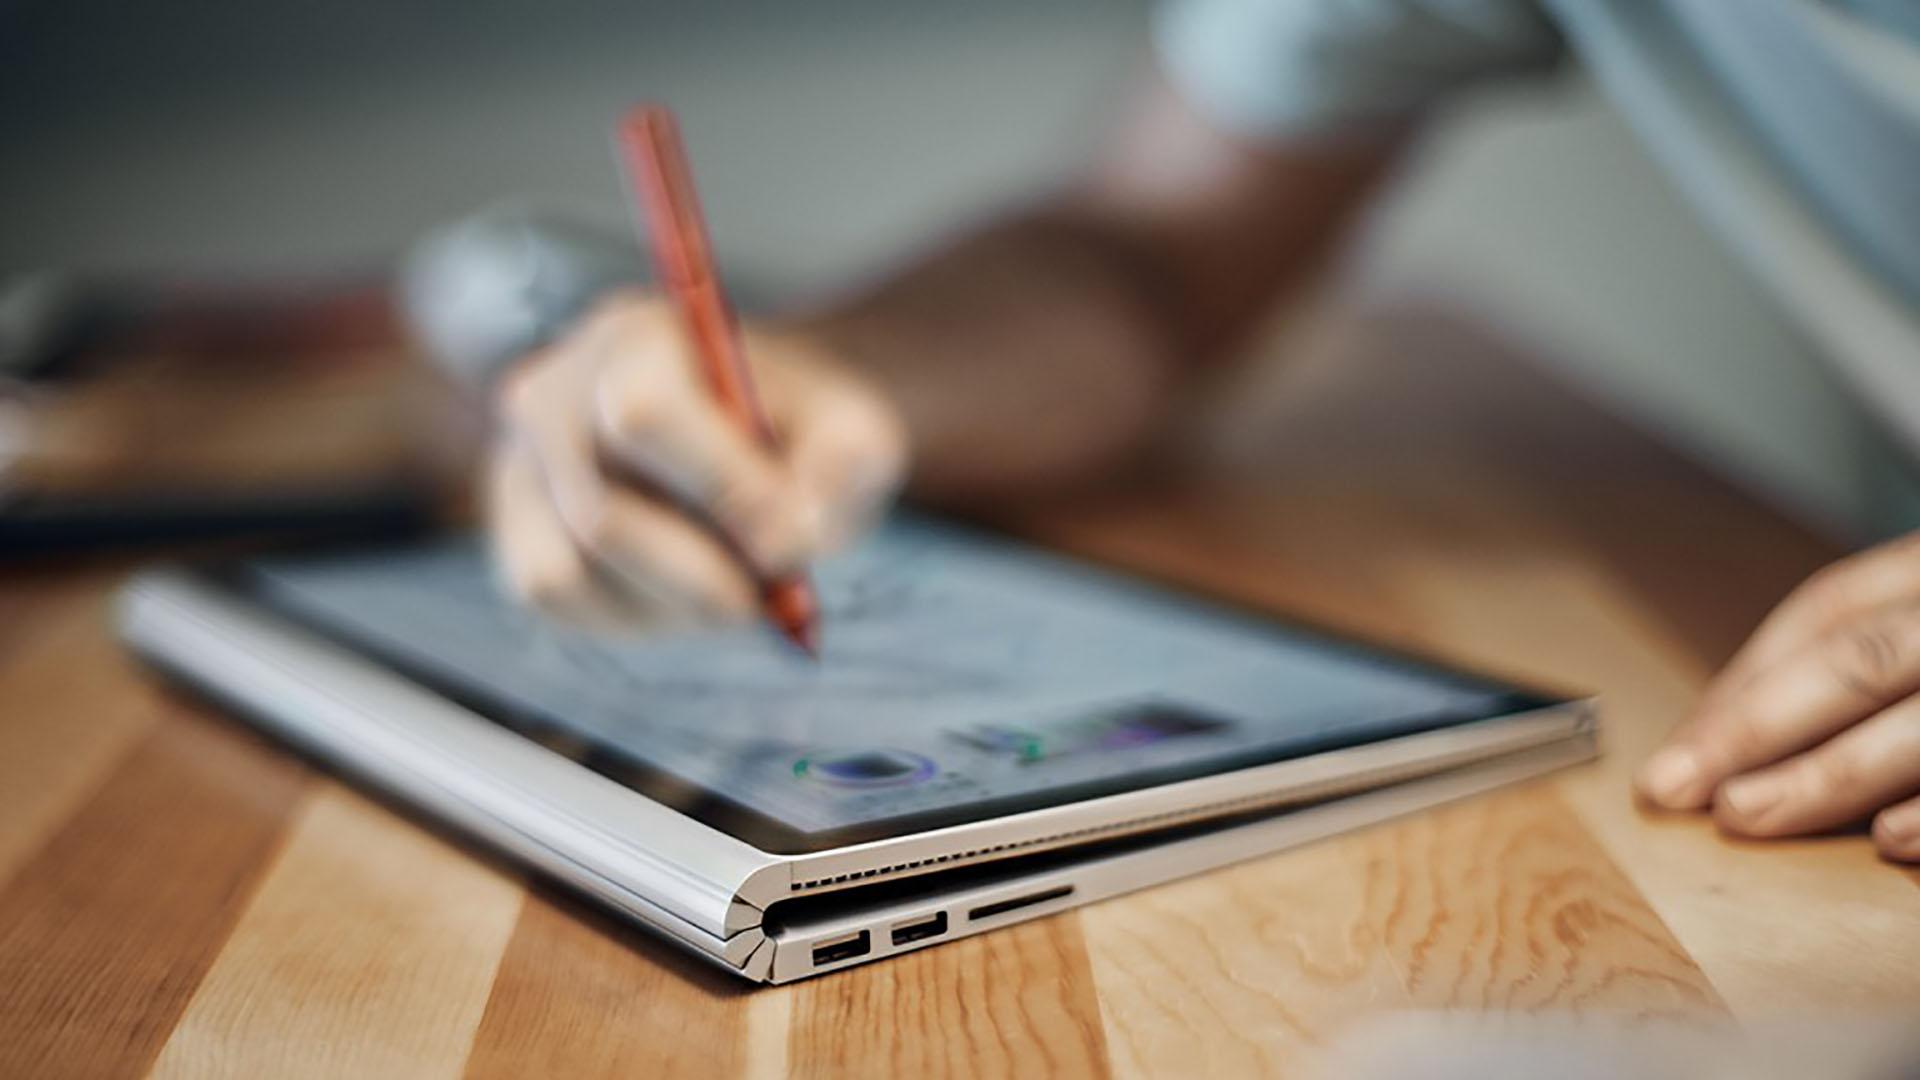 Le Surface Book i7 est vraiment une petite bombe